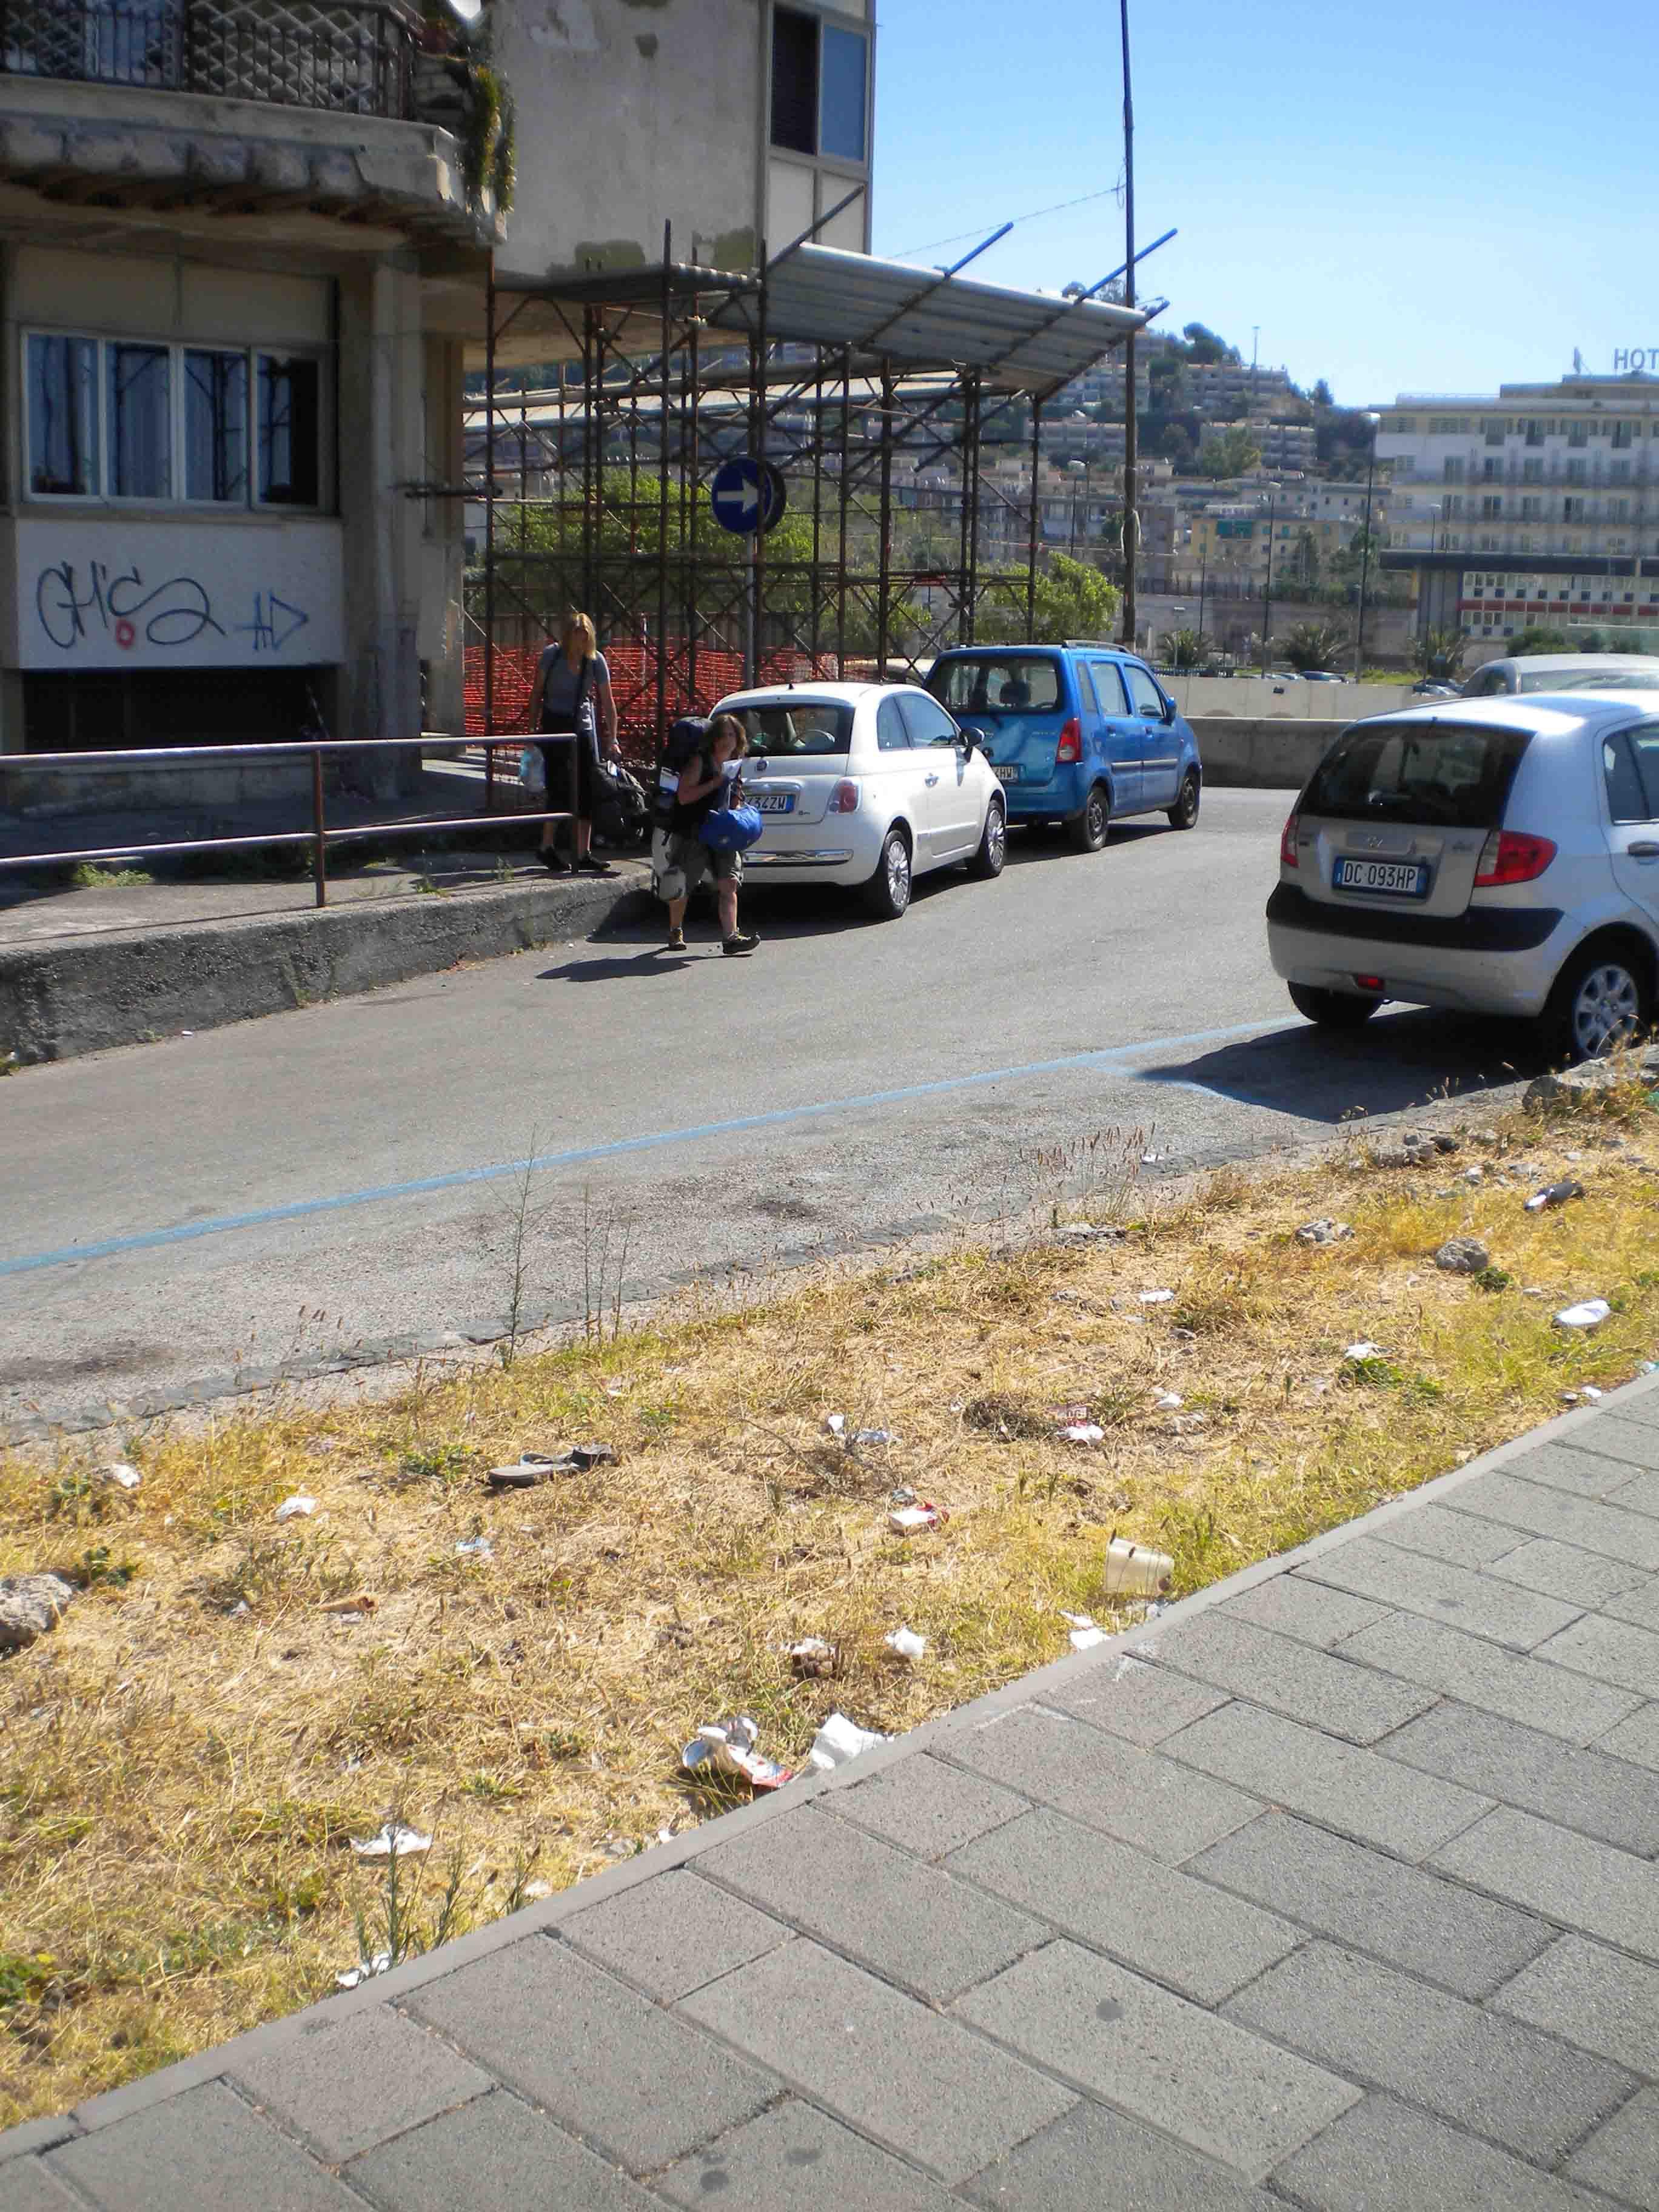 Salerno, sotto la bella immagine il grande degrado